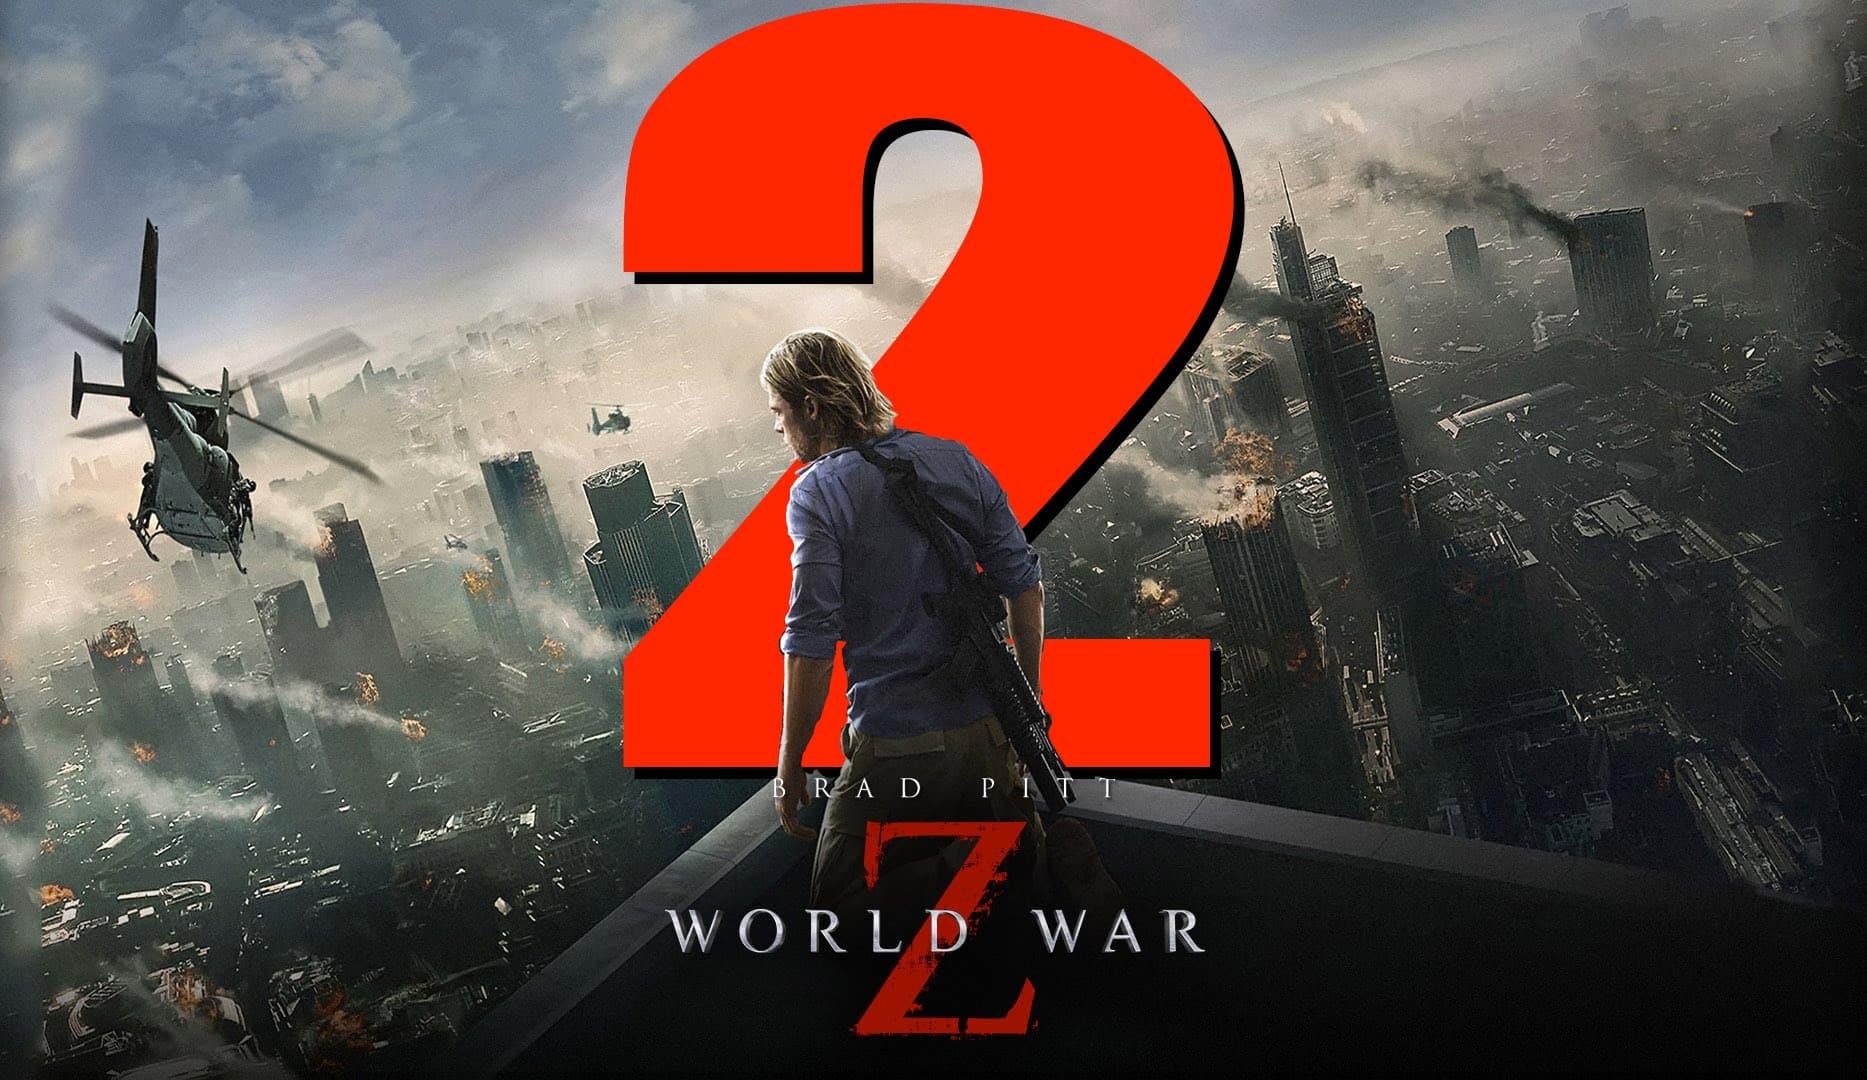 world war z 2 movie download in hindi 720p